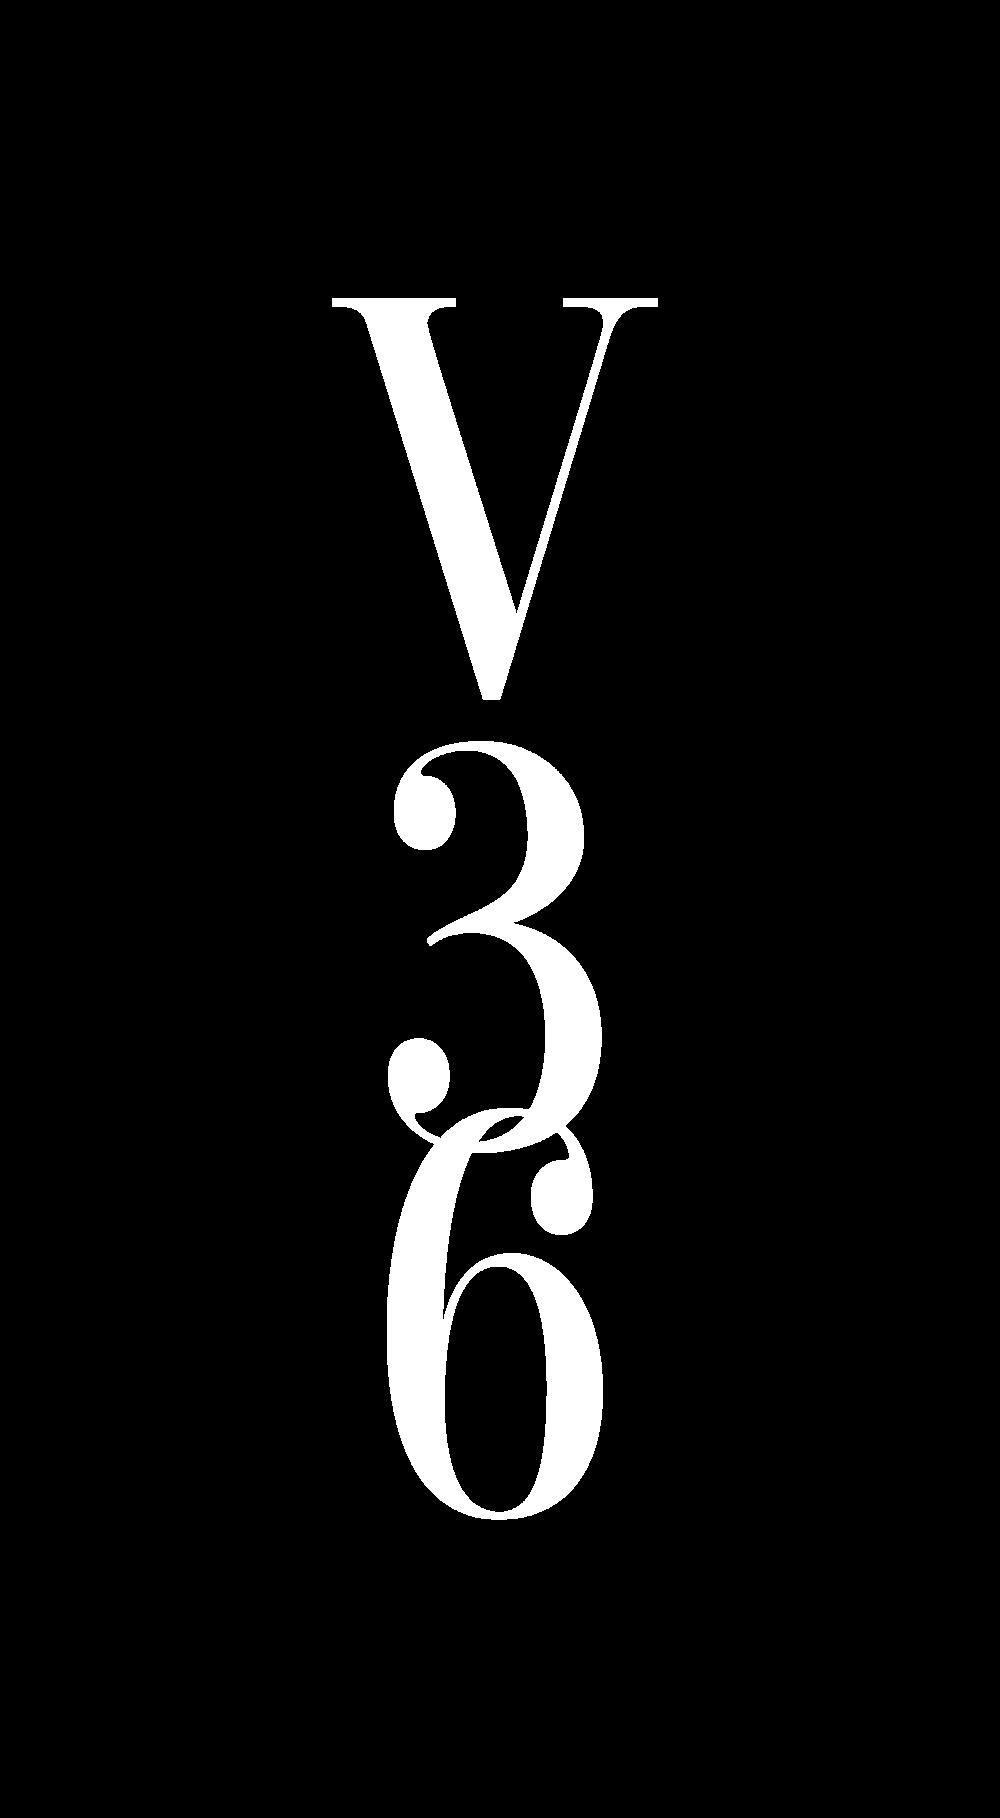 V36LogoBlack.png